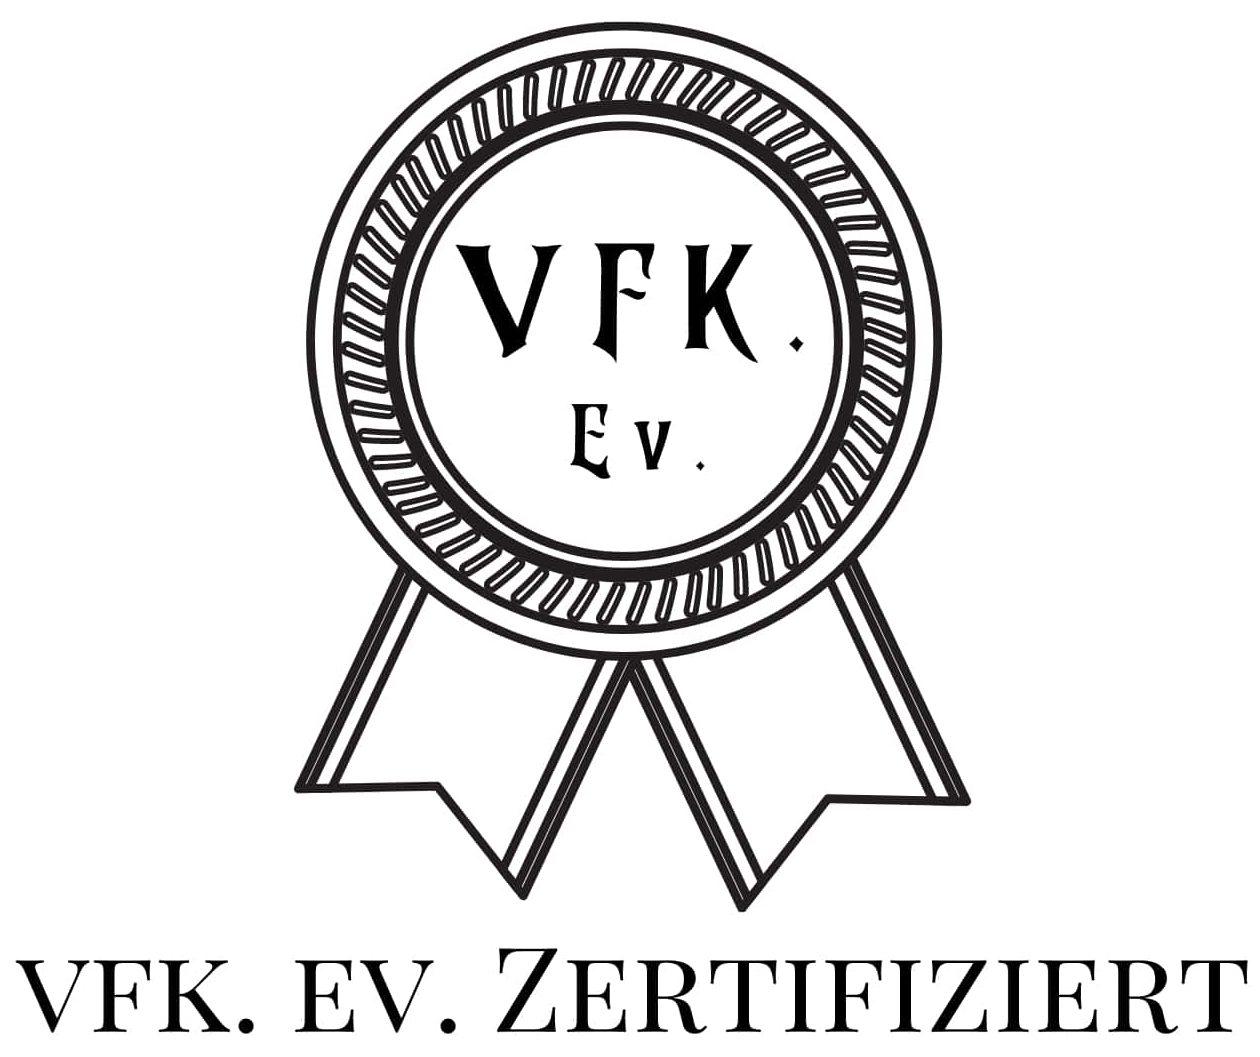 MainXpert ist verifizierter Sachverständiger mit VFK EV Zertifikat